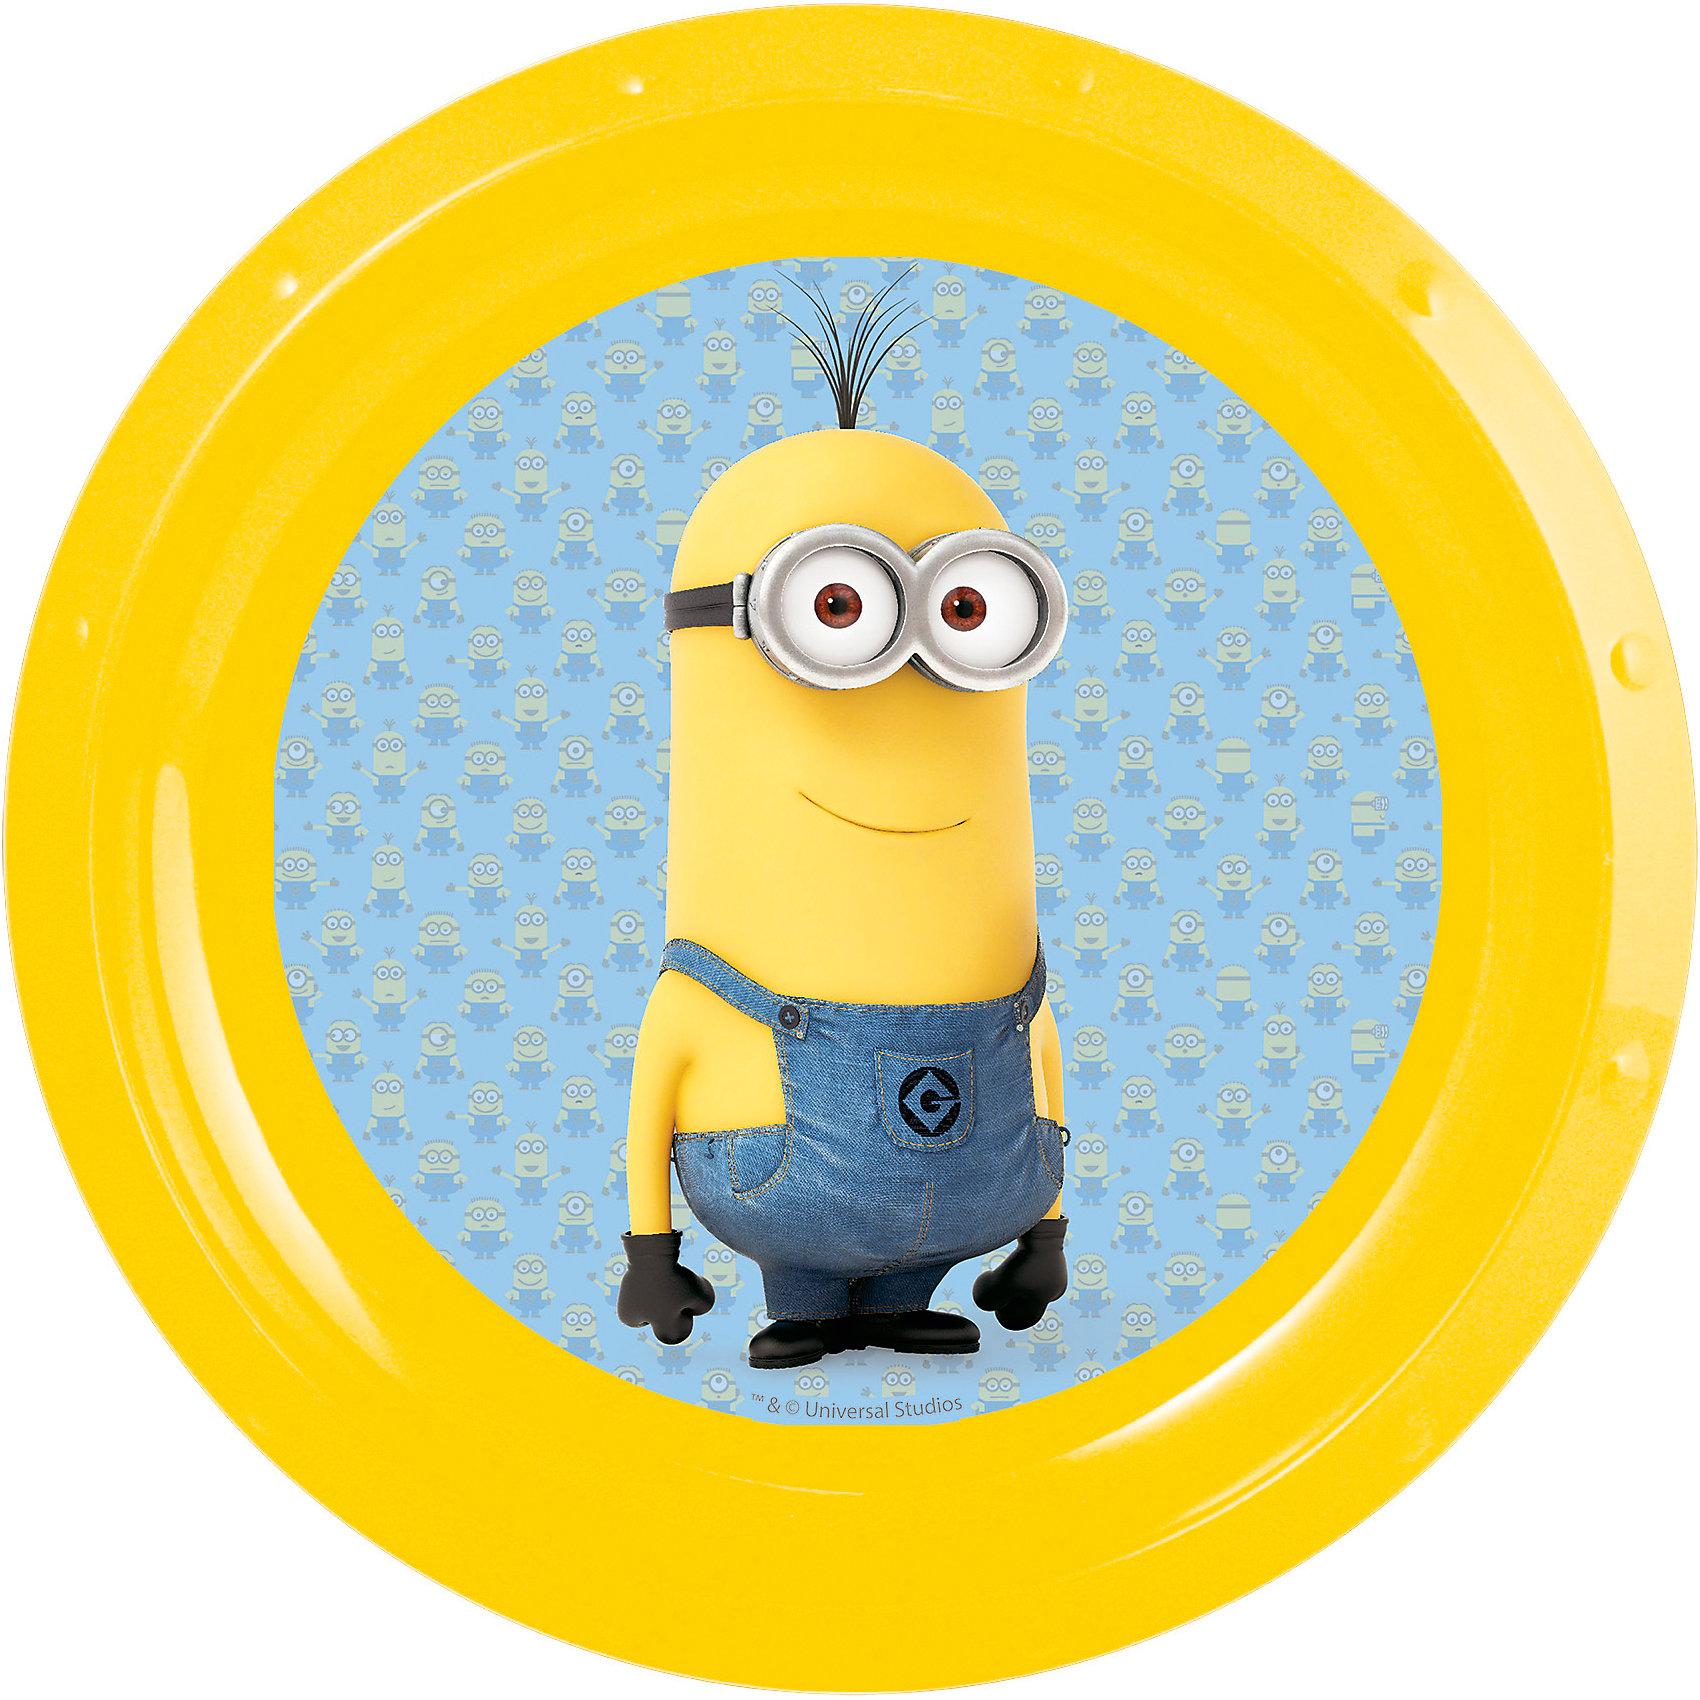 Тарелка Миньоны, диаметр 21,5 смЯркая пластиковая тарелка с изображением симпатичных героев популярного мультфильма «Гадкий Я » миньонами, отличается высоким качеством пластика, безопасна для здоровья ребенка. <br><br>Дополнительная информация:<br><br>- размер изделия -21.5*21.5*1.9 см.<br><br>Тарелку  Миньоны , диаметром 21,5 см можно купить в нашем интернет-магазине.<br><br>Ширина мм: 215<br>Глубина мм: 215<br>Высота мм: 19<br>Вес г: 43<br>Возраст от месяцев: 36<br>Возраст до месяцев: 108<br>Пол: Унисекс<br>Возраст: Детский<br>SKU: 4536199